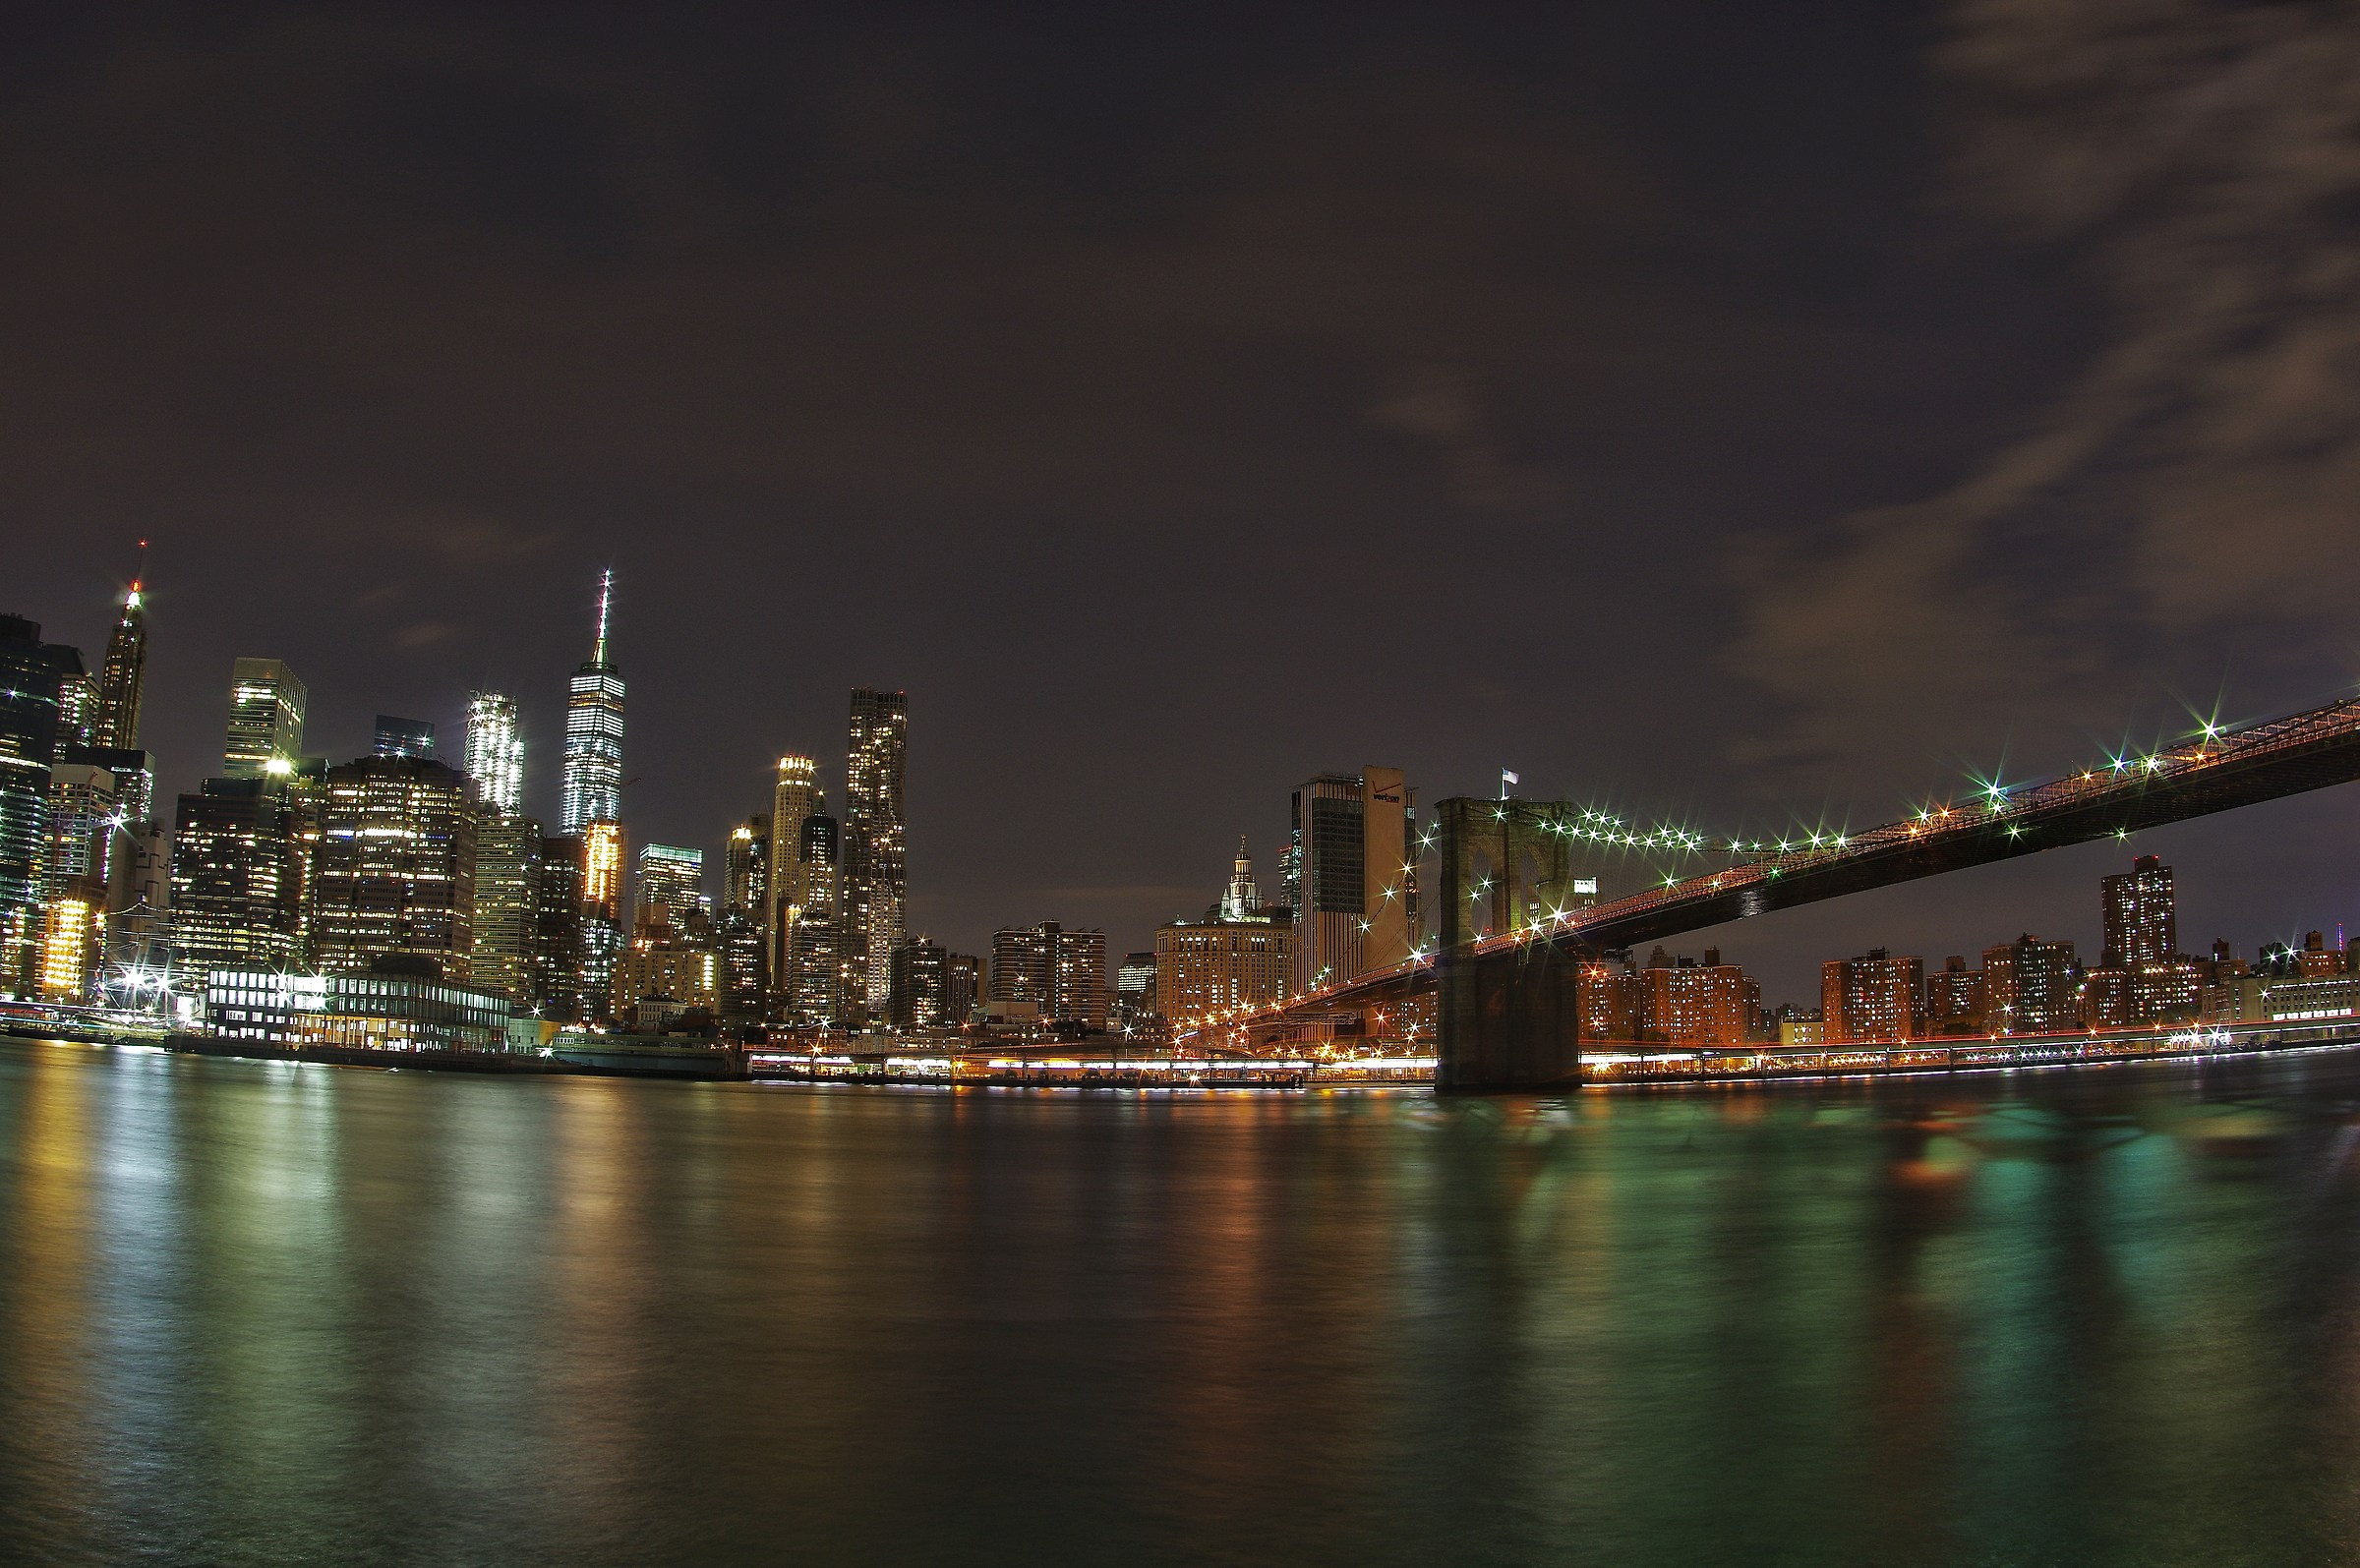 Skyline by night...